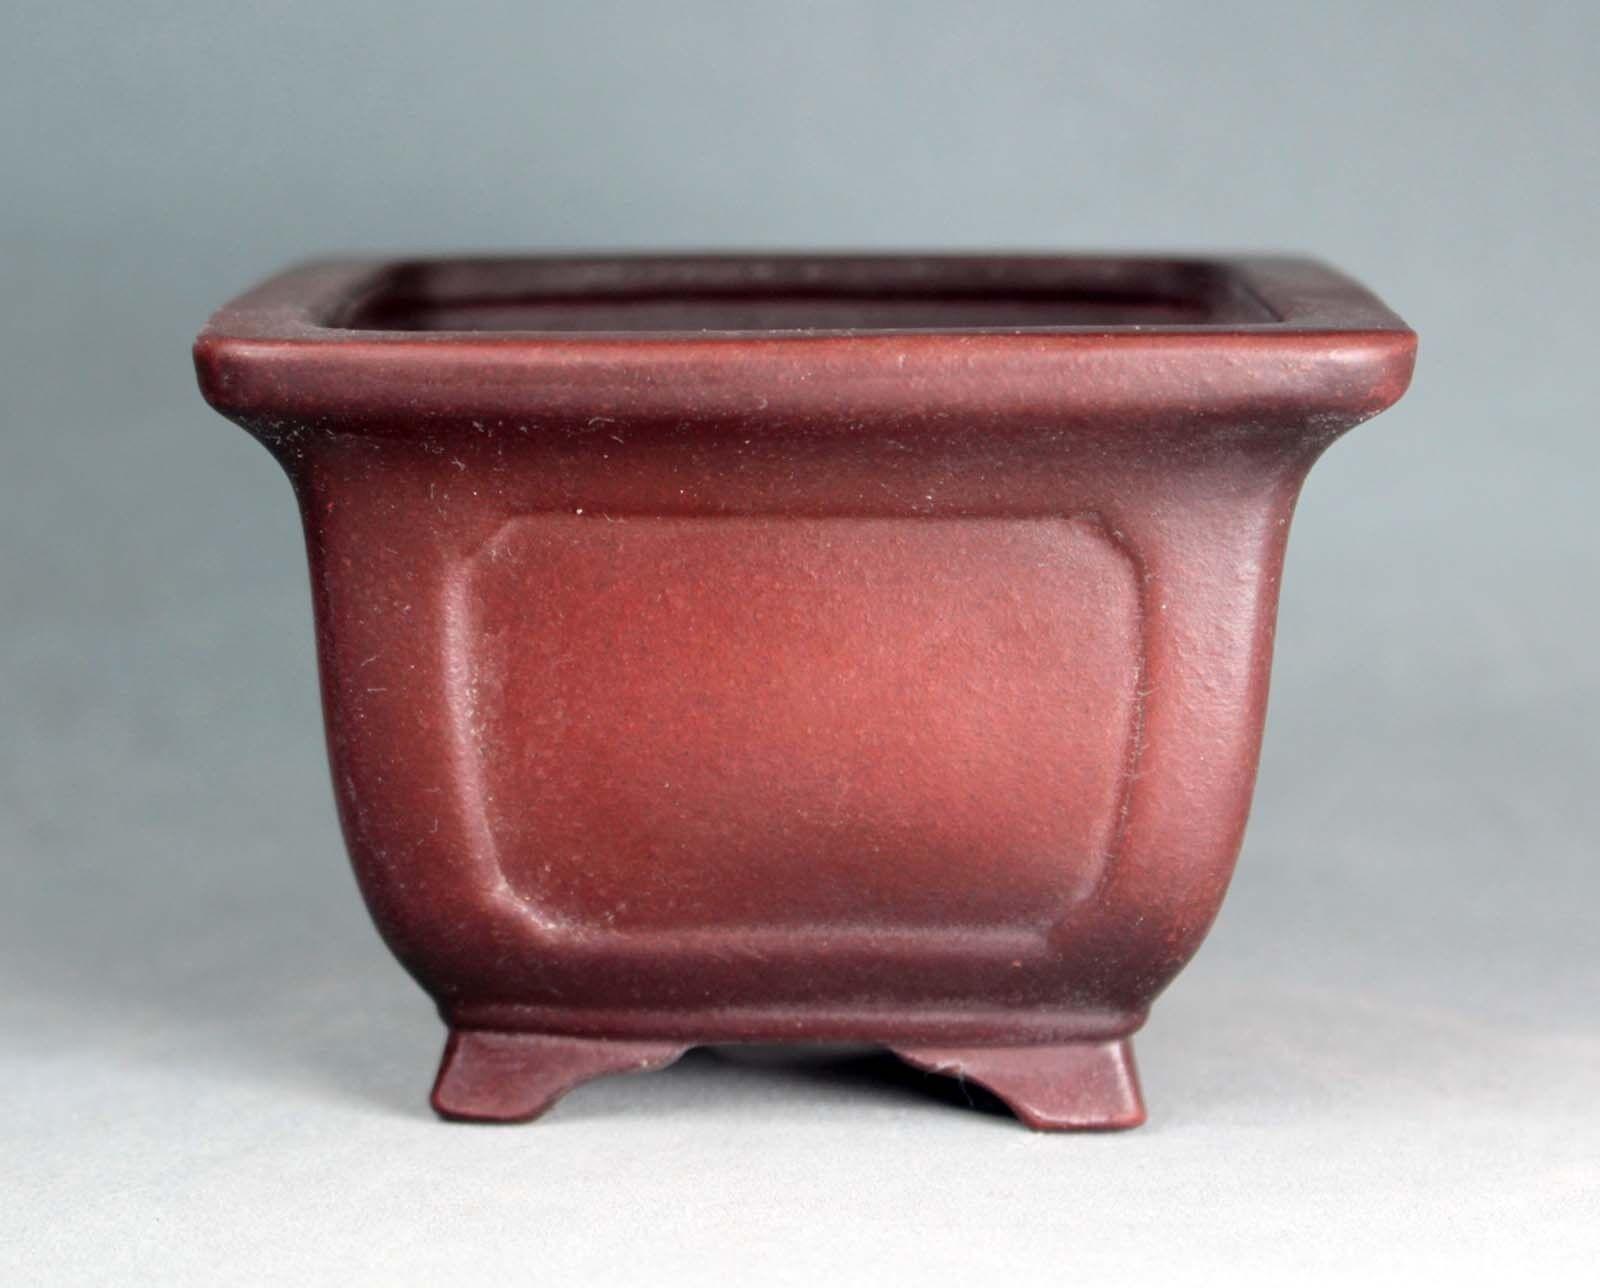 Tokoname Bonsai pot cuadrados por Bigei,  bigei 163, 9595H65mm